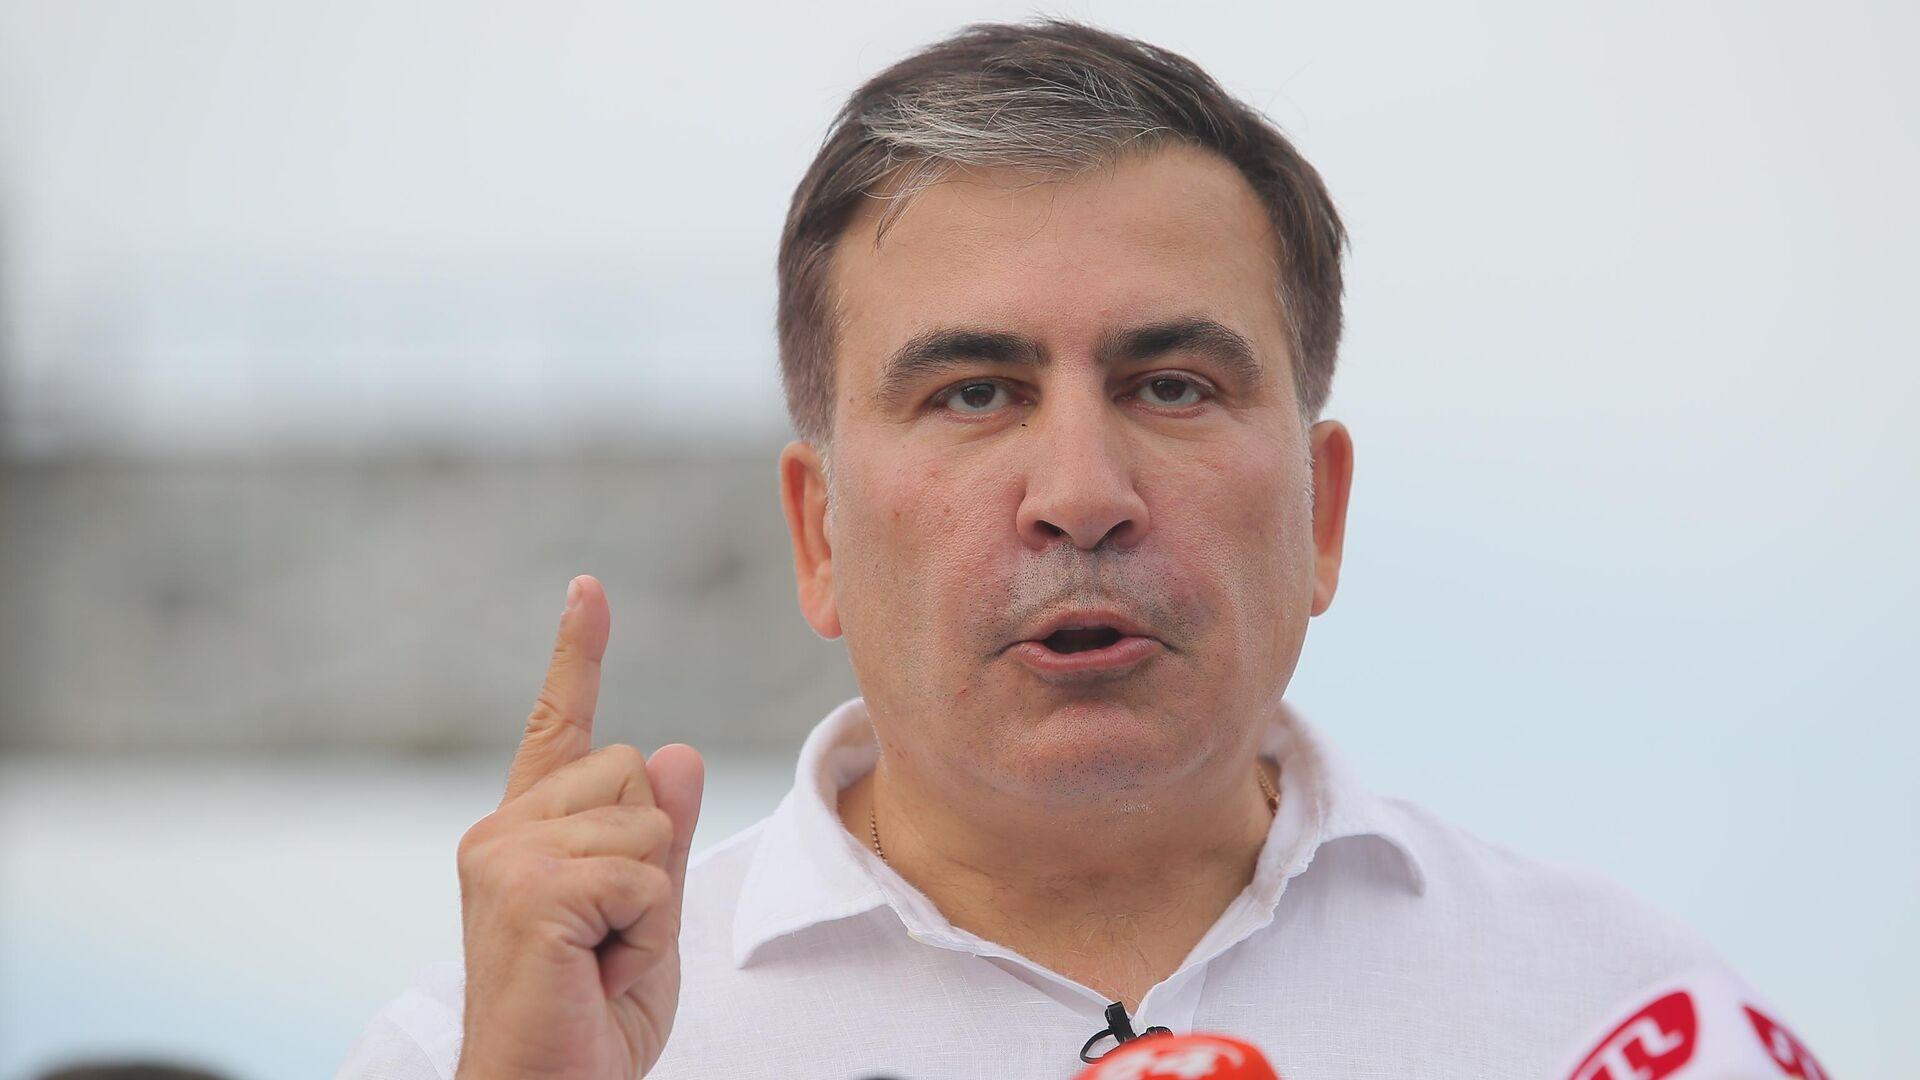 Лидер политической партии Движение новых сил Михаил Саакашвили на пресс-конференции в Киеве. 13 июня 2019 - РИА Новости, 1920, 31.10.2020